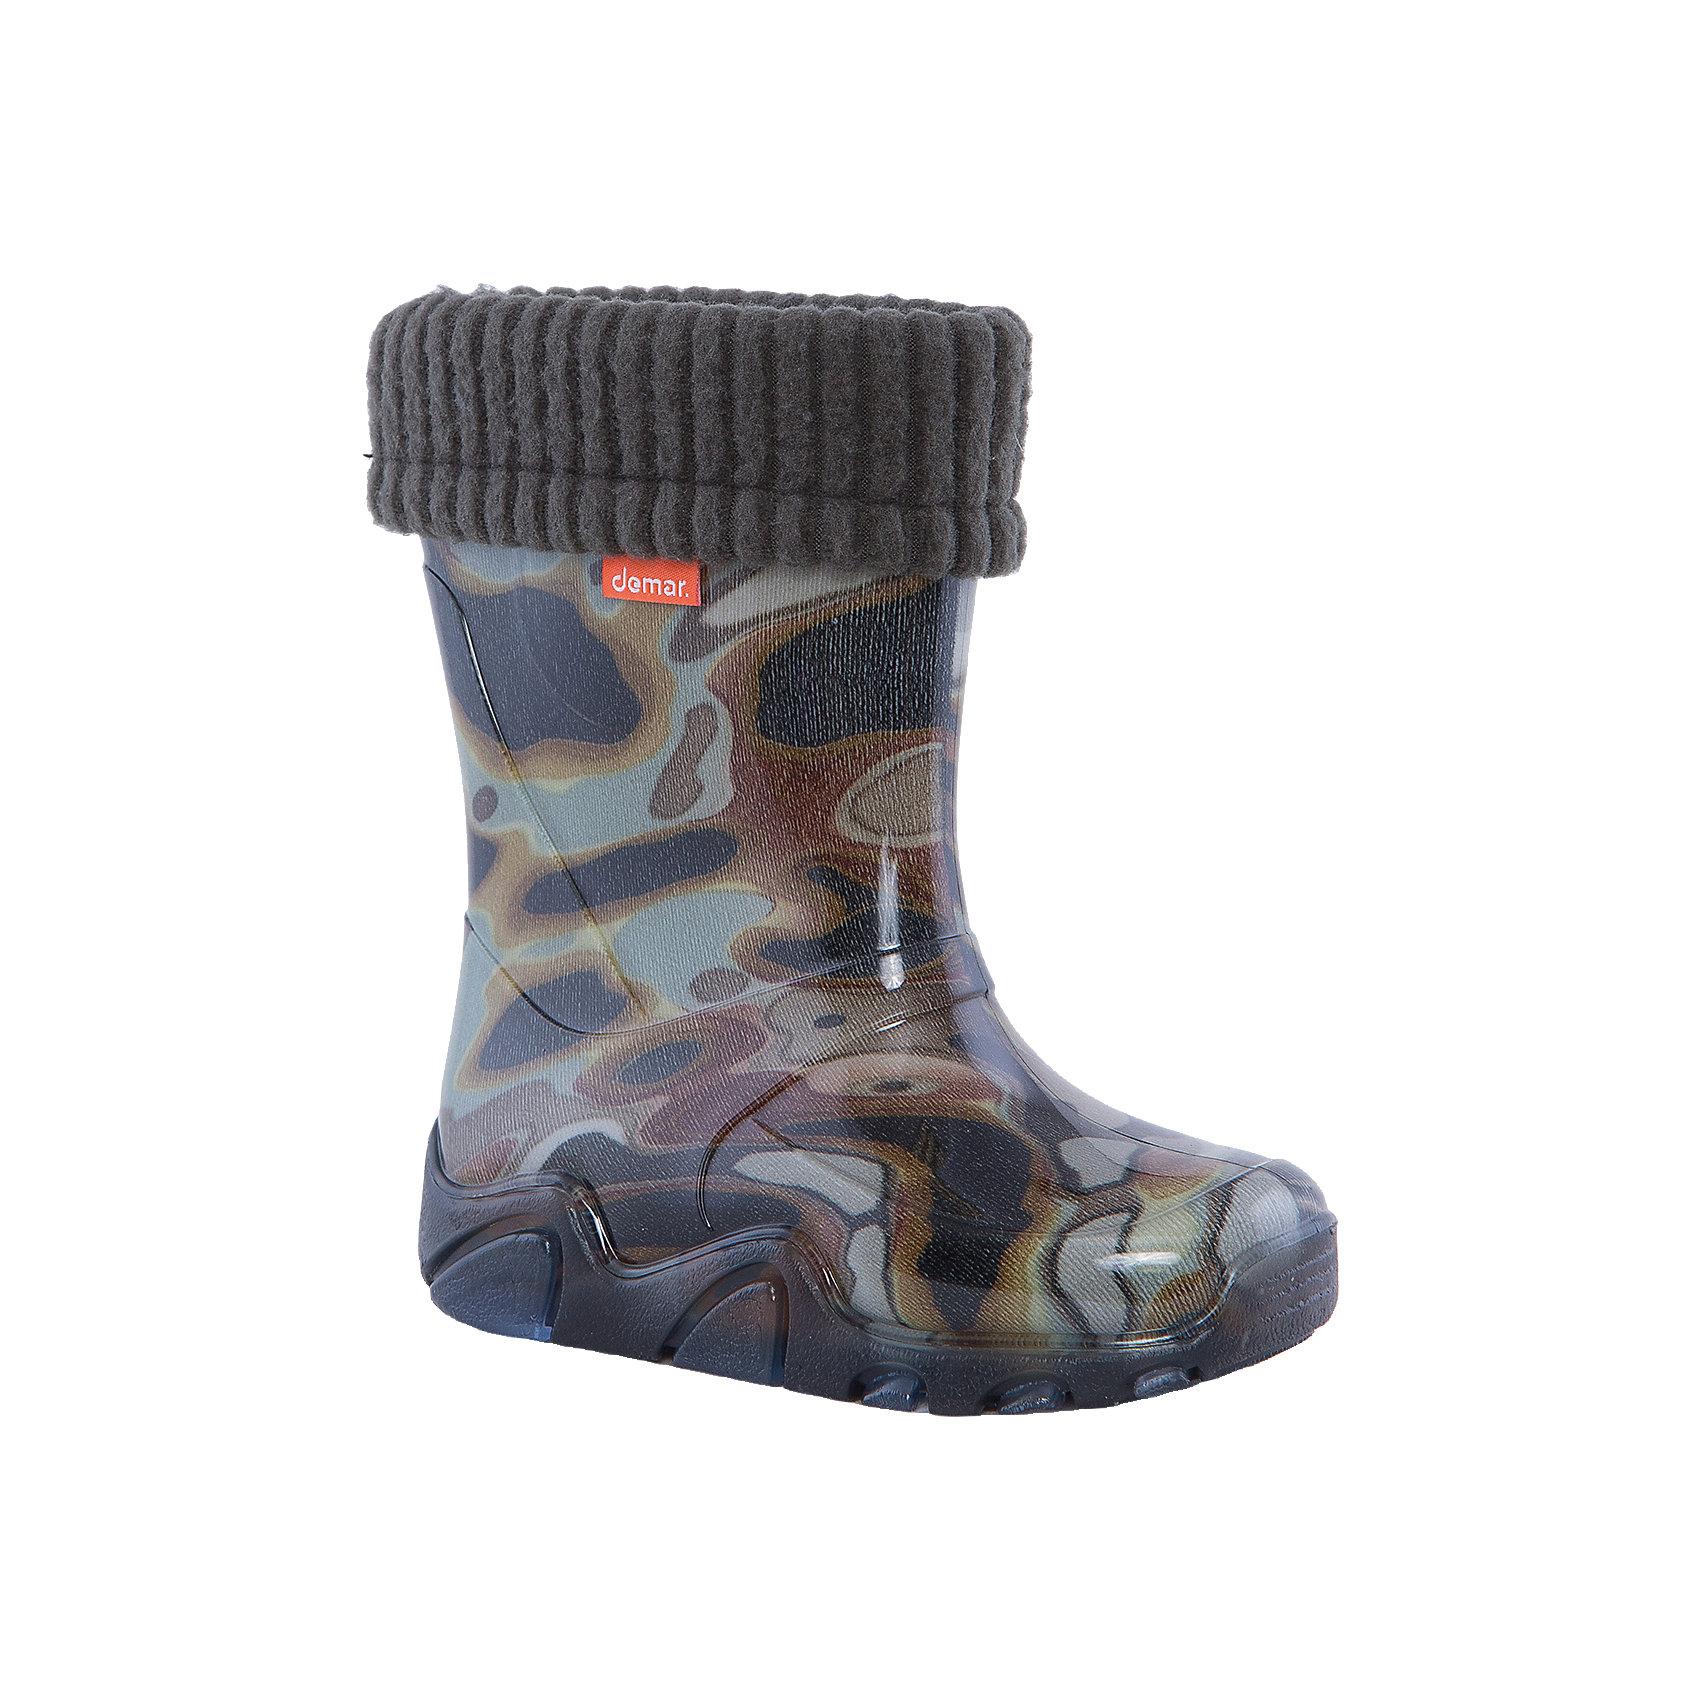 Резиновые сапоги Stormer Lux Print для мальчика DEMARРезиновые сапоги<br>Характеристики товара:<br><br>• цвет: хаки<br>• материал верха: ПВХ<br>• материал подкладки: текстиль <br>• материал подошвы: ПВХ<br>• температурный режим: от 0° до +15° С<br>• верх не продувается<br>• съемный чулок<br>• стильный дизайн<br>• страна бренда: Польша<br>• страна изготовитель: Польша<br><br>Осенью и весной ребенку не обойтись без непромокаемых сапожек! Чтобы не пропустить главные удовольствия межсезонья, нужно запастись удобной обувью. Такие сапожки обеспечат ребенку необходимый для активного отдыха комфорт, а подкладка из текстиля позволит ножкам оставаться теплыми. Сапожки легко надеваются и снимаются, отлично сидят на ноге. Они удивительно легкие!<br>Обувь от польского бренда Demar - это качественные товары, созданные с применением новейших технологий и с использованием как натуральных, так и высокотехнологичных материалов. Обувь отличается стильным дизайном и продуманной конструкцией. Изделие производится из качественных и проверенных материалов, которые безопасны для детей.<br><br>Сапожки от бренда Demar (Демар) можно купить в нашем интернет-магазине.<br><br>Ширина мм: 237<br>Глубина мм: 180<br>Высота мм: 152<br>Вес г: 438<br>Цвет: белый<br>Возраст от месяцев: 24<br>Возраст до месяцев: 36<br>Пол: Мужской<br>Возраст: Детский<br>Размер: 26/27,22/23,24/25<br>SKU: 4576063